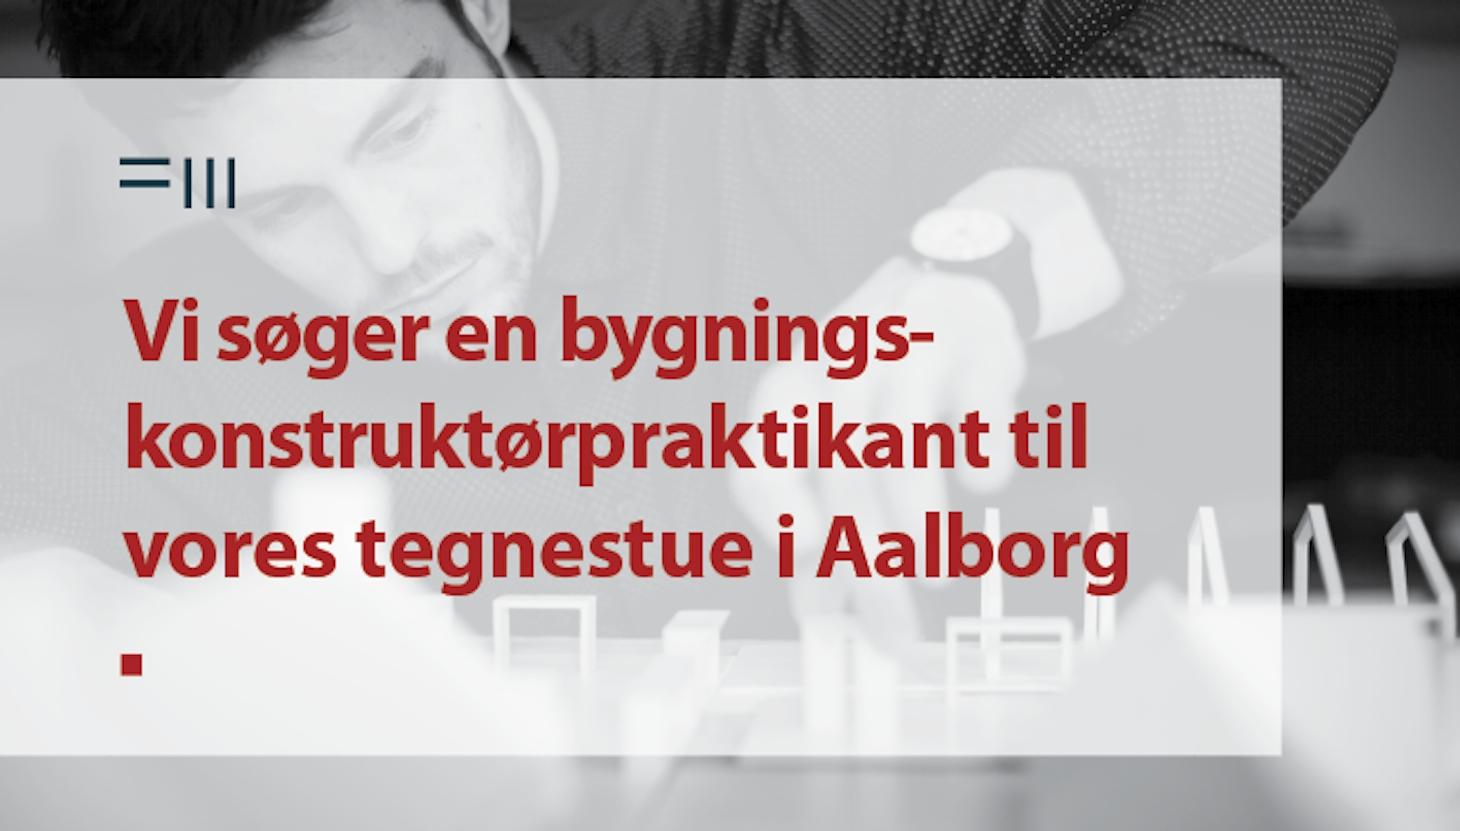 Bygningskonstruktørpraktikant til Aalborg